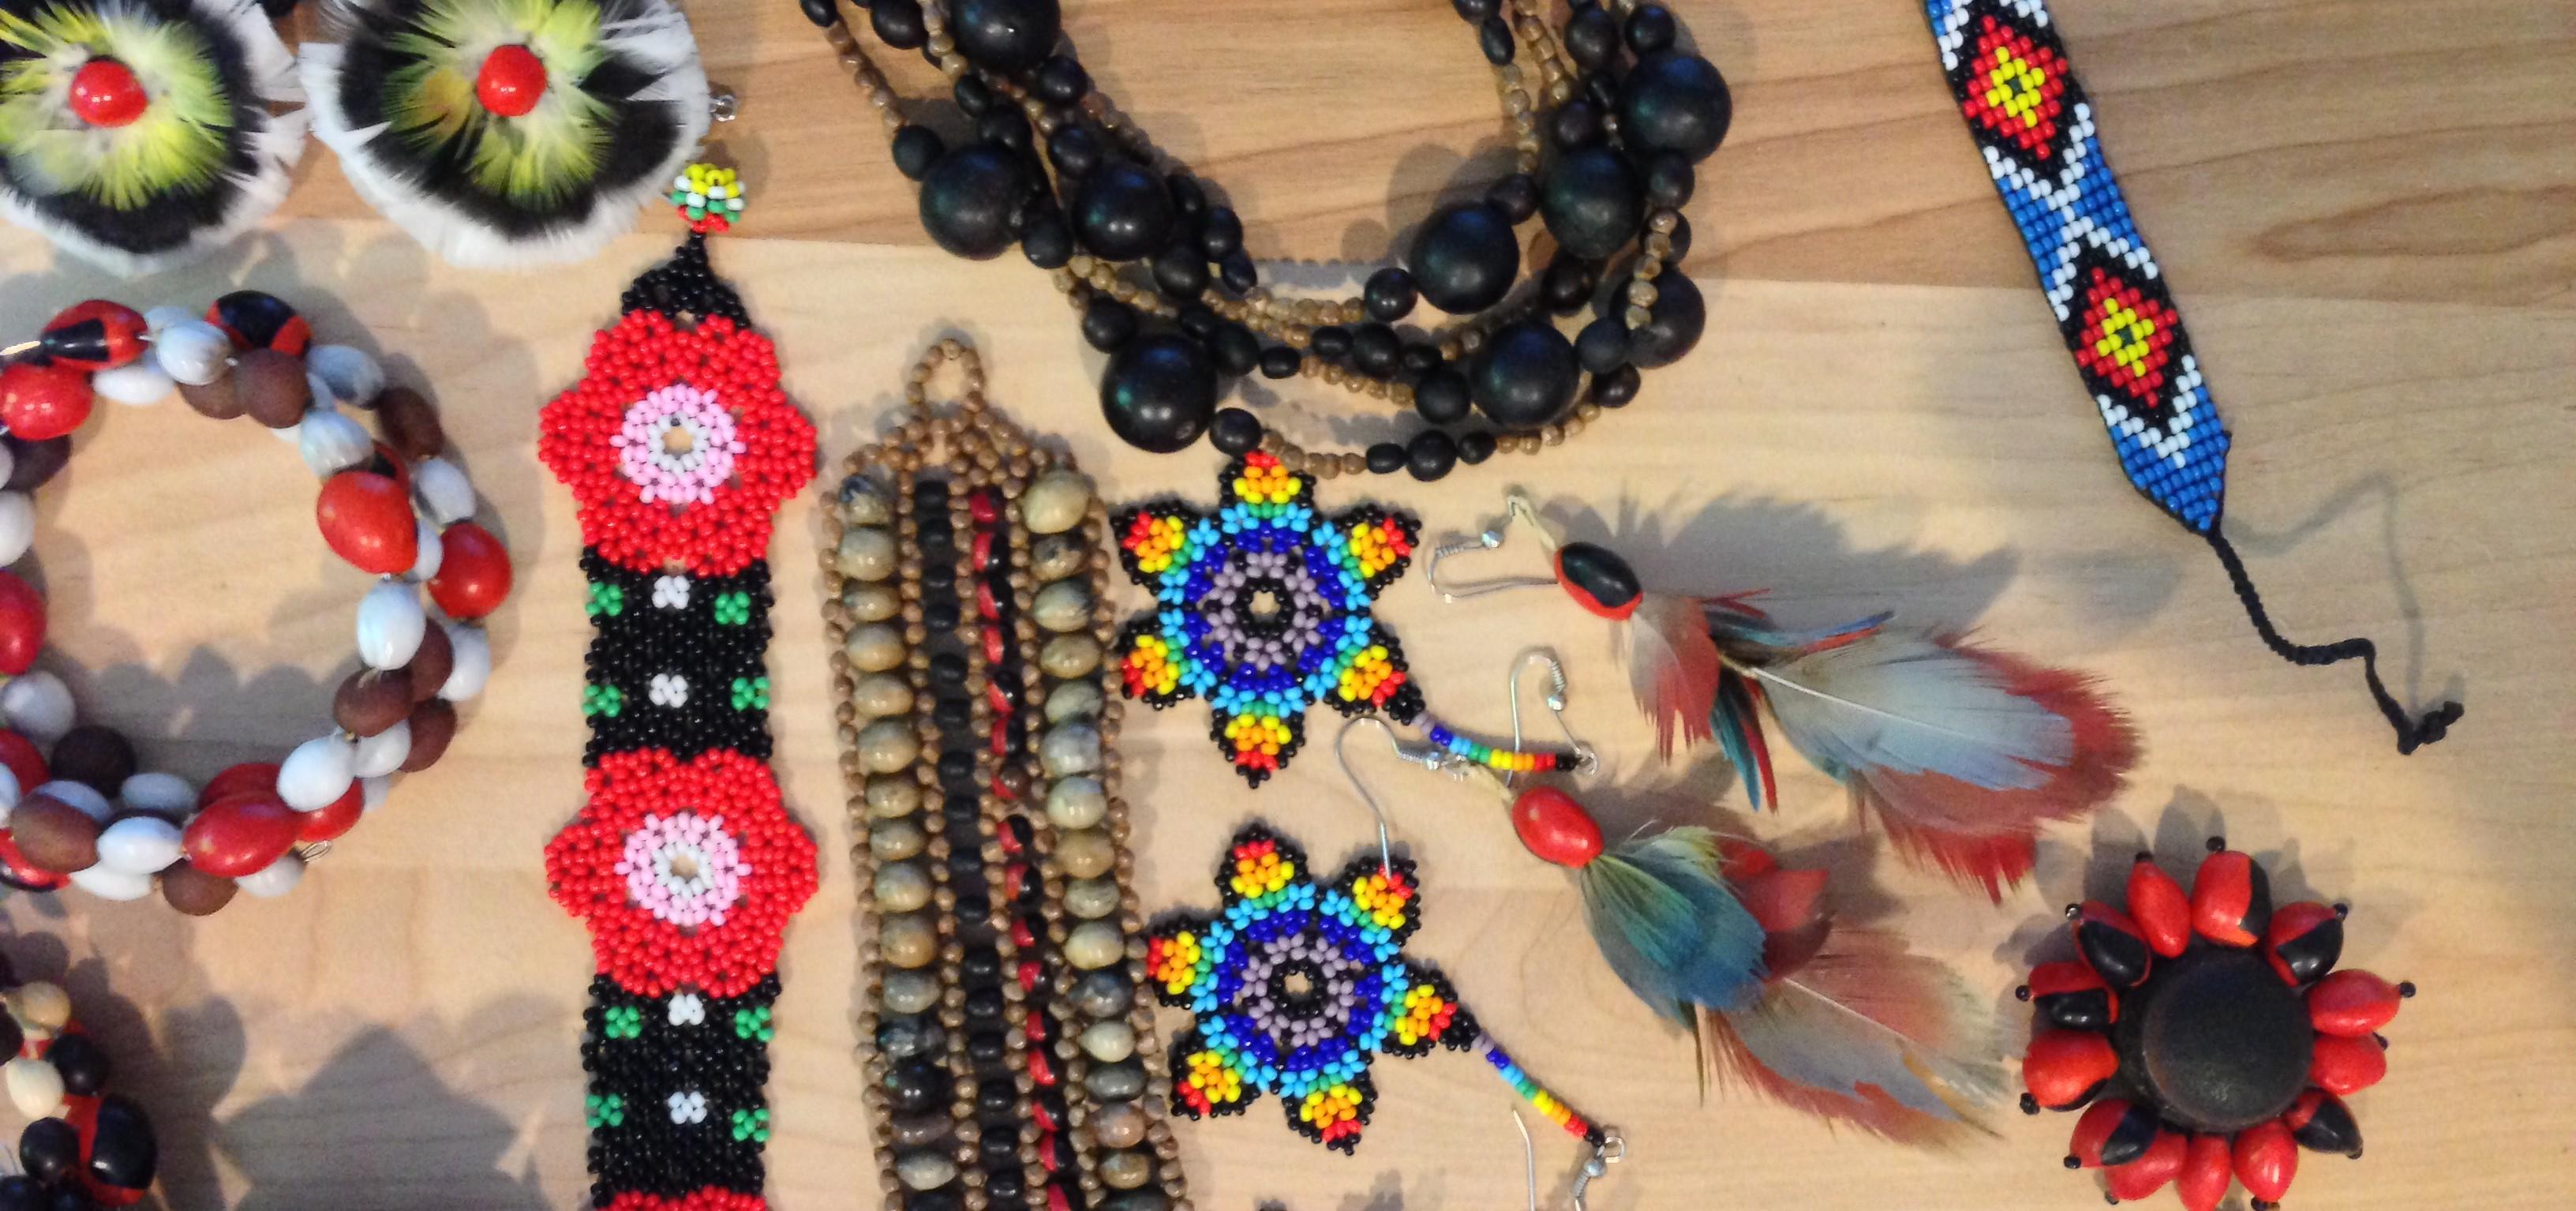 Amazonian jewelery